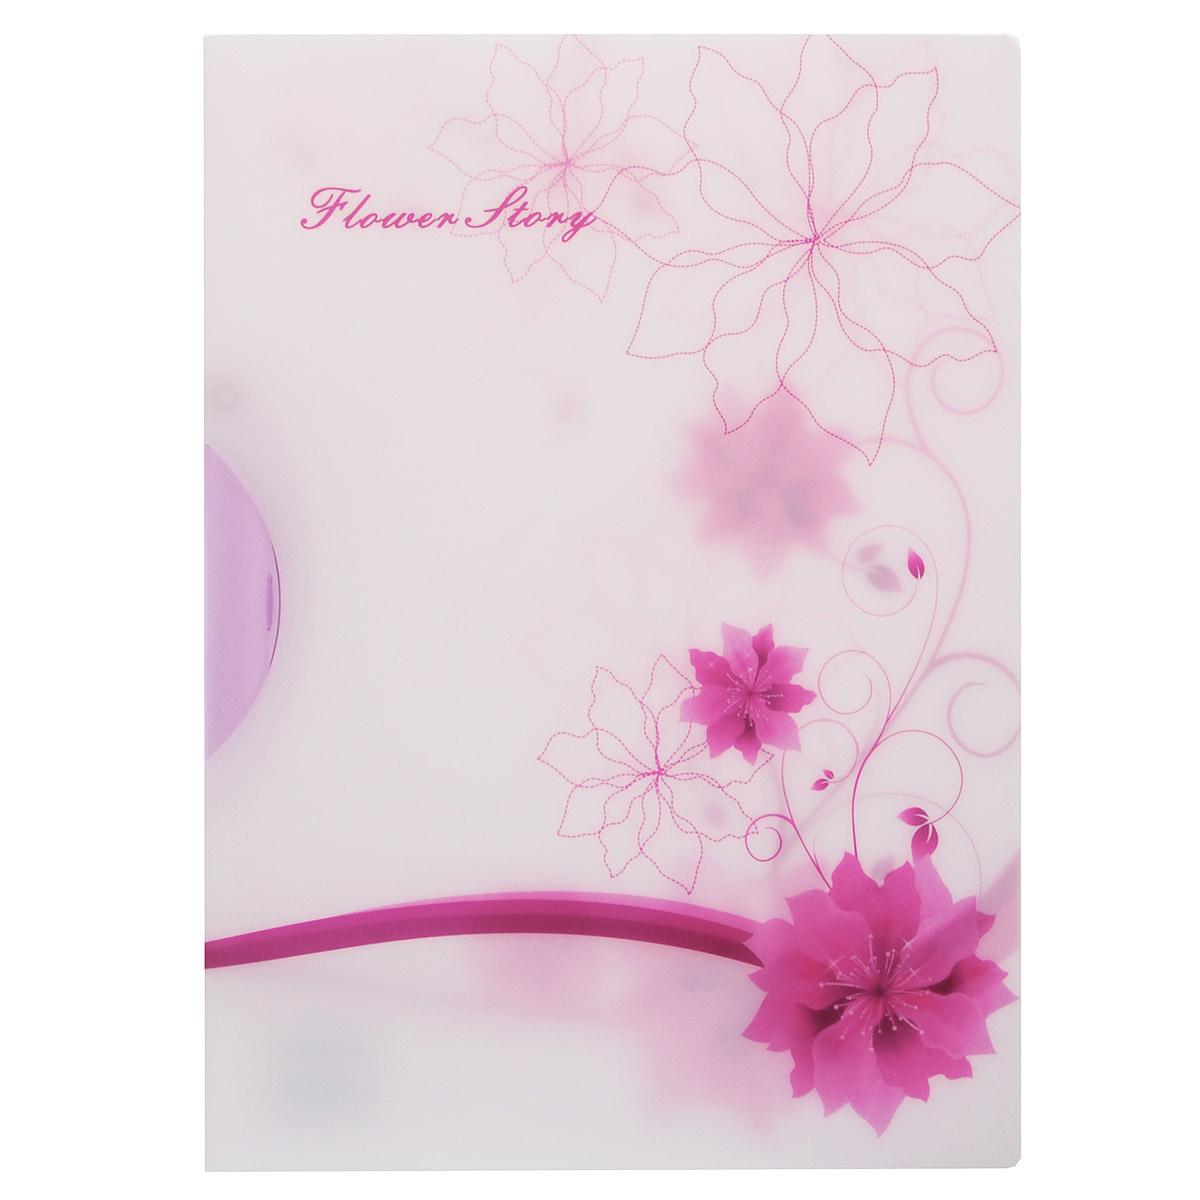 Папка с клипом Centrum Цветочная история, цвет: розовый, формат А484135 розовыйПапка с клипом Centrum Цветочная история - это удобный и практичный офисный инструмент, предназначенный для хранения и транспортировки неперфорированных рабочих бумаг и документов формата А4. Она изготовлена из прочного пластика и оснащена боковым поворотным клипом, позволяющим фиксировать неперфорированные листы. Папка - это незаменимый атрибут для студента, школьника, офисного работника. Такая папка практична в использовании и надежно сохранит ваши документы и сбережет их от повреждений, пыли и влаги.